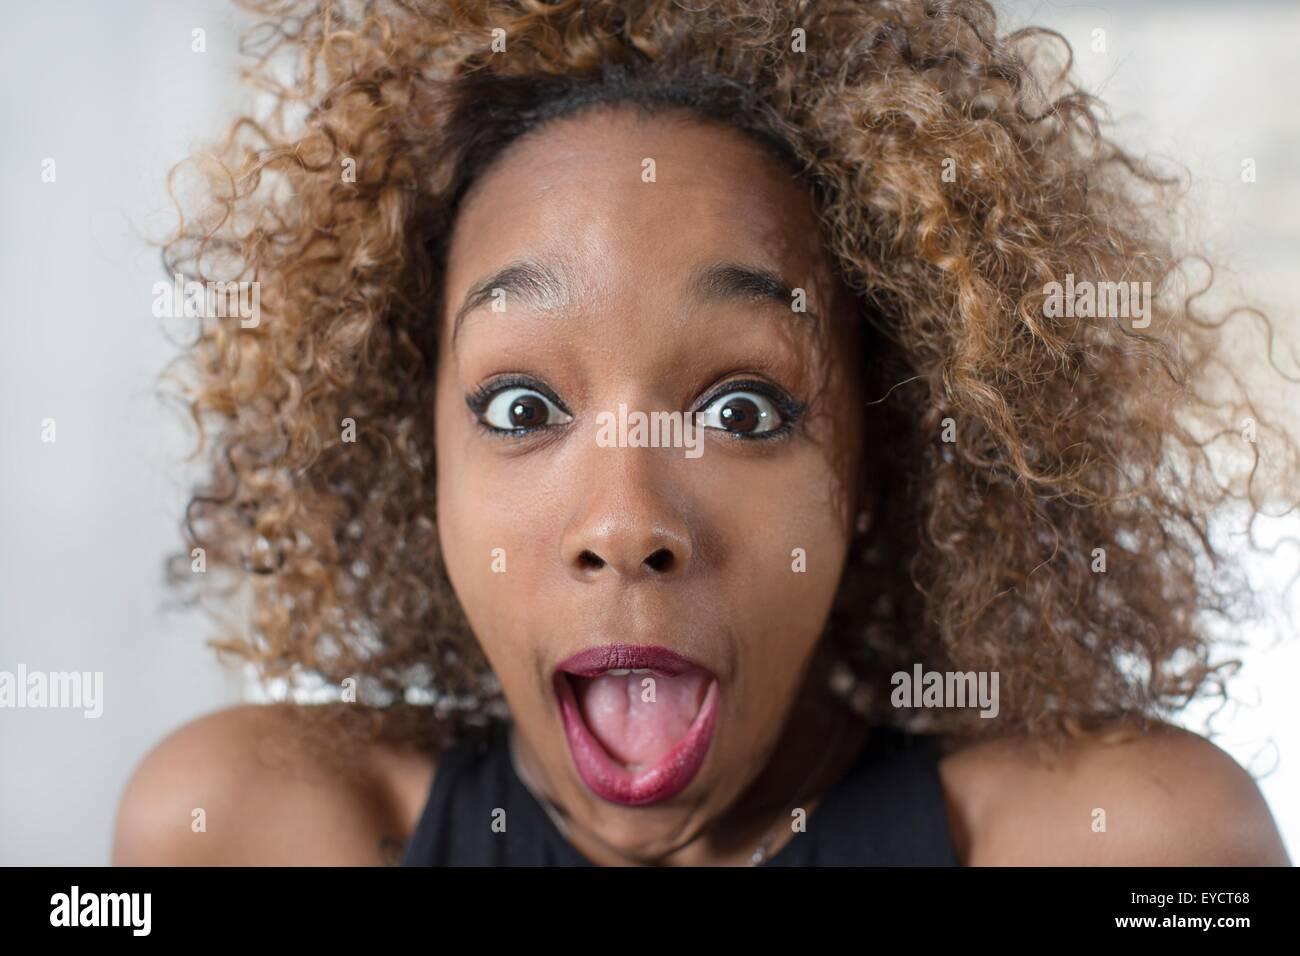 Porträt der jungen Frau zieht ein Gesicht und Mund öffnen Stockfoto